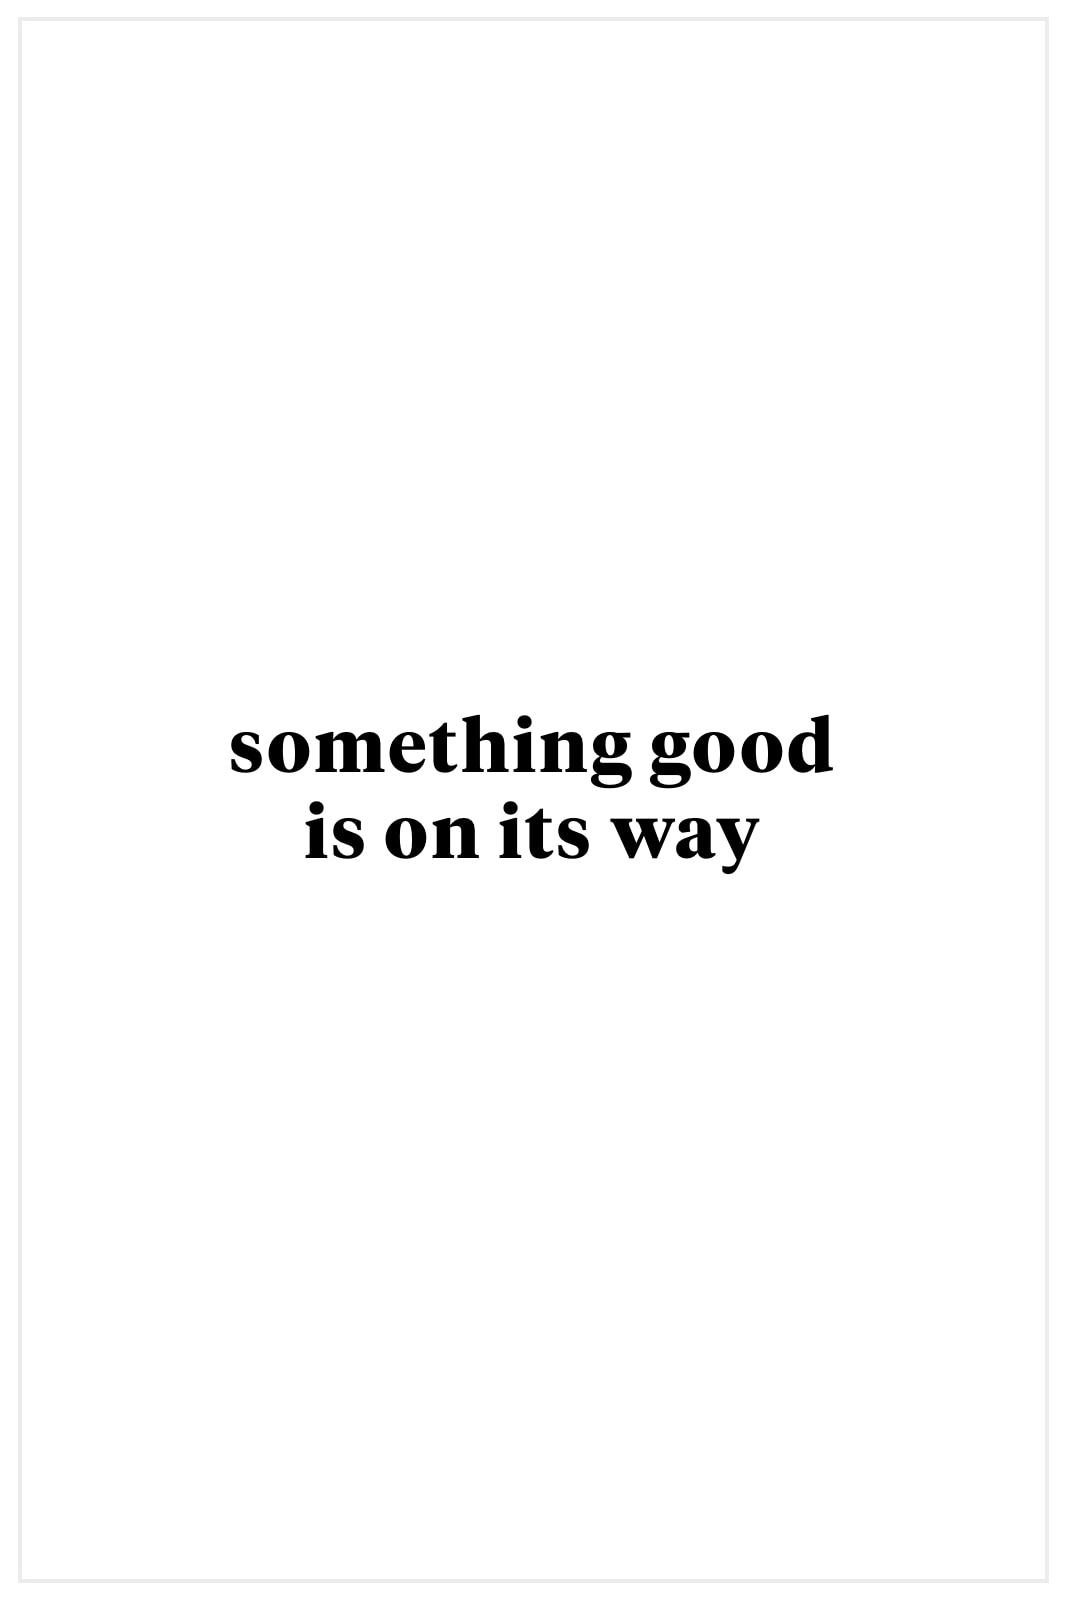 Field Trip Dress